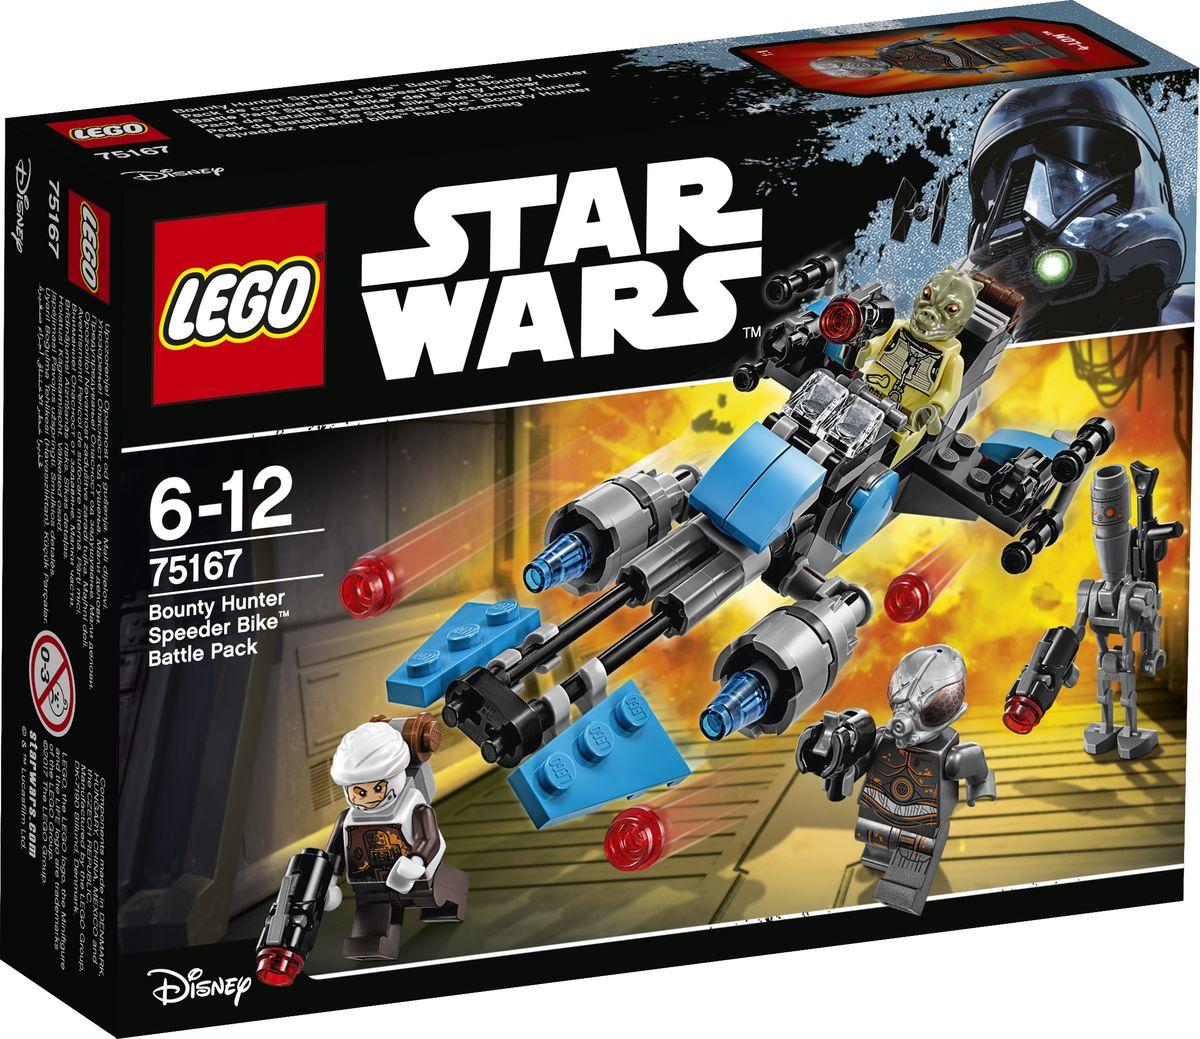 LEGO Star Wars Конструктор Спидер охотника за головами 75167, Конструкторы  - купить со скидкой